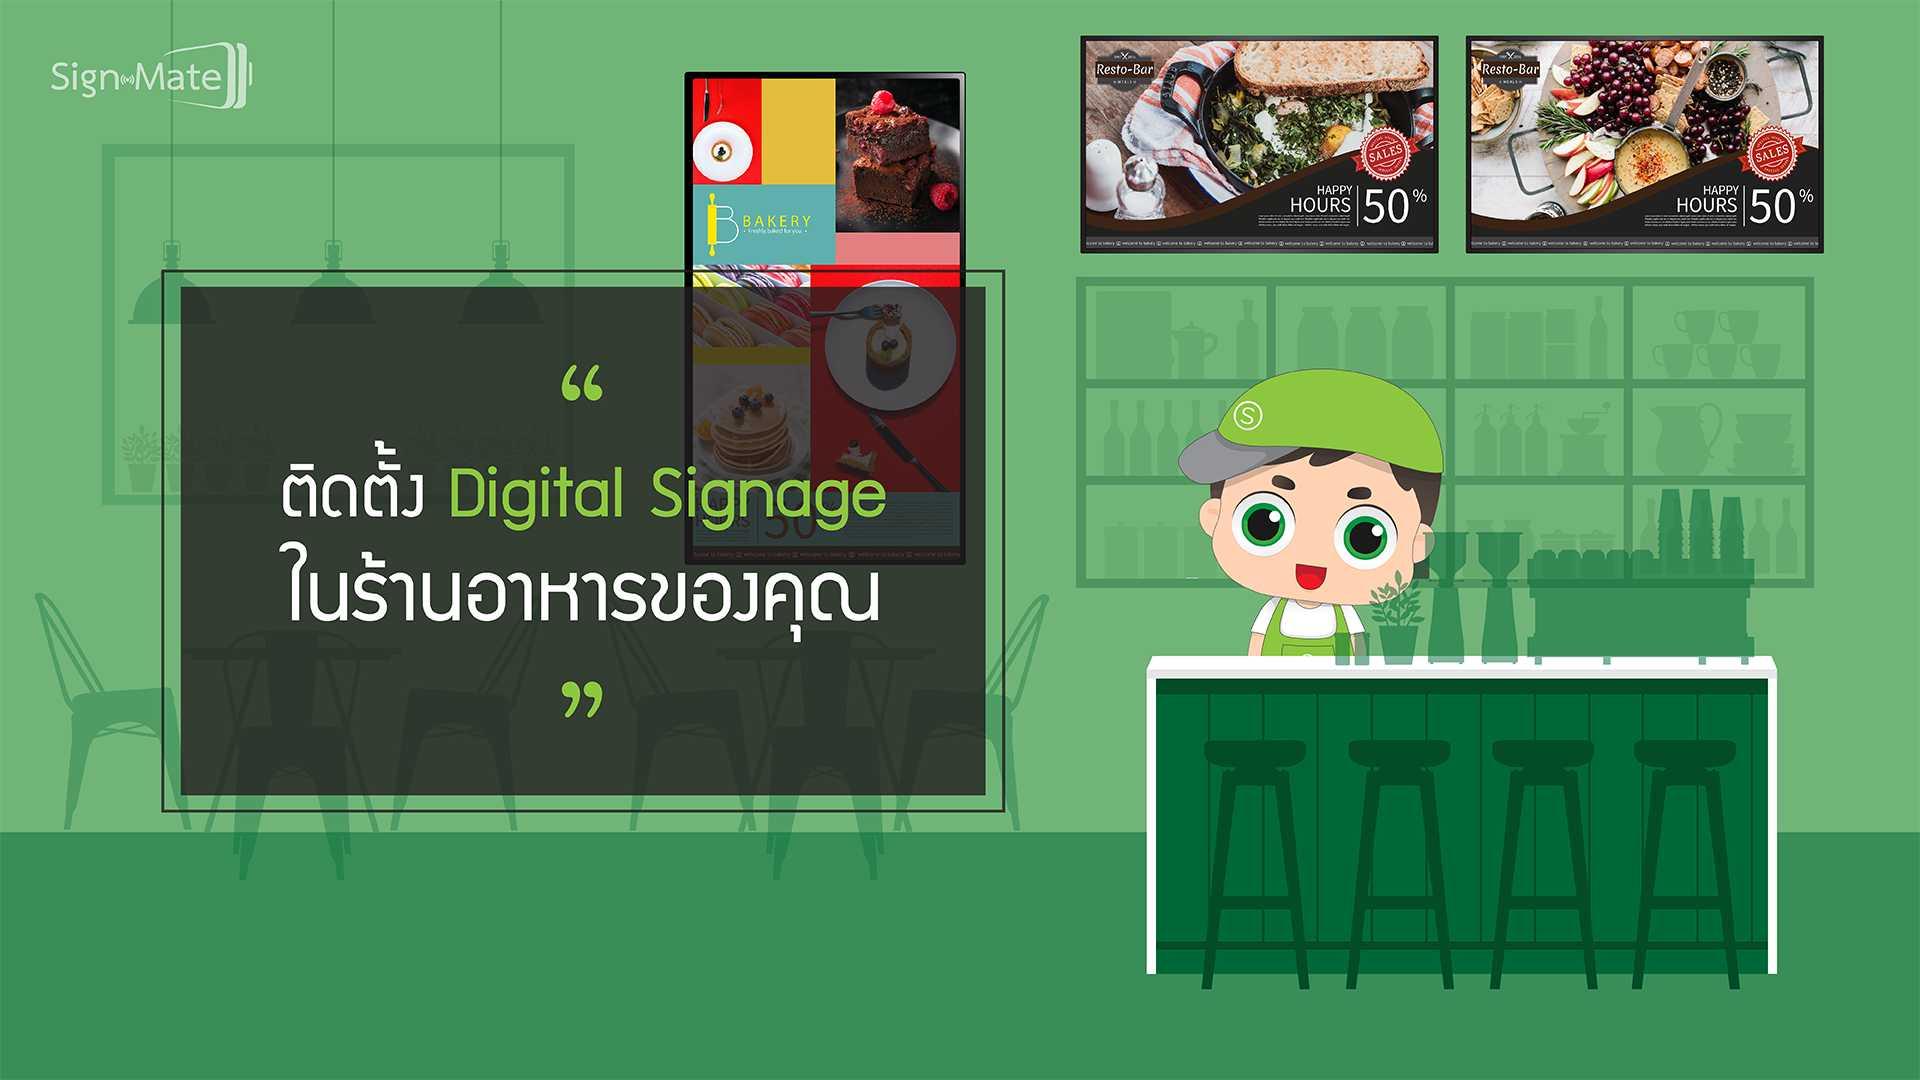 ติดตั้ง Digital Signage ในร้านอาหารของคุณ